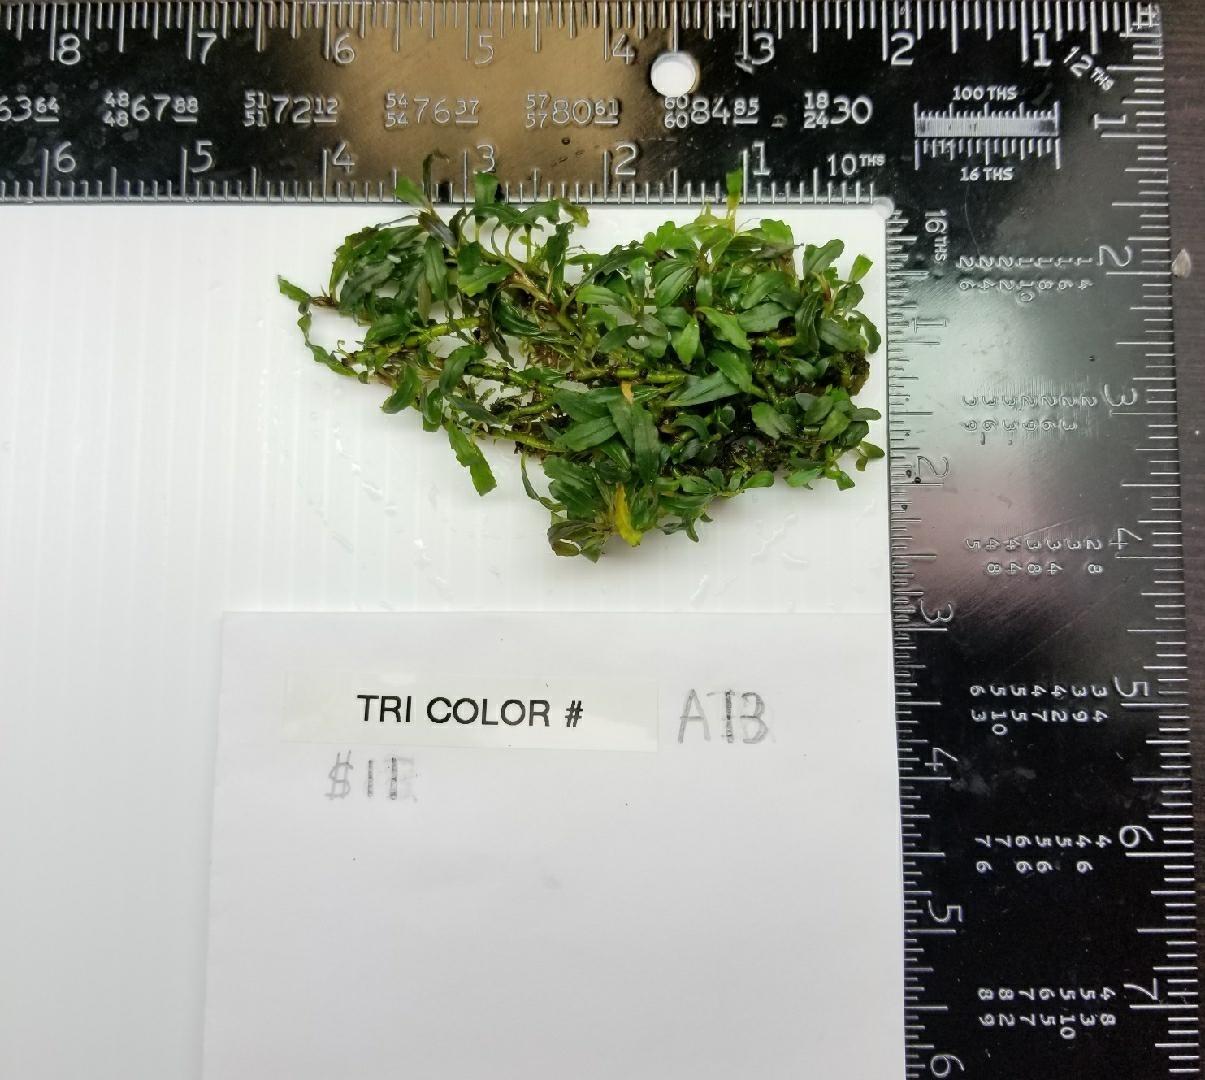 Buce Tricolor